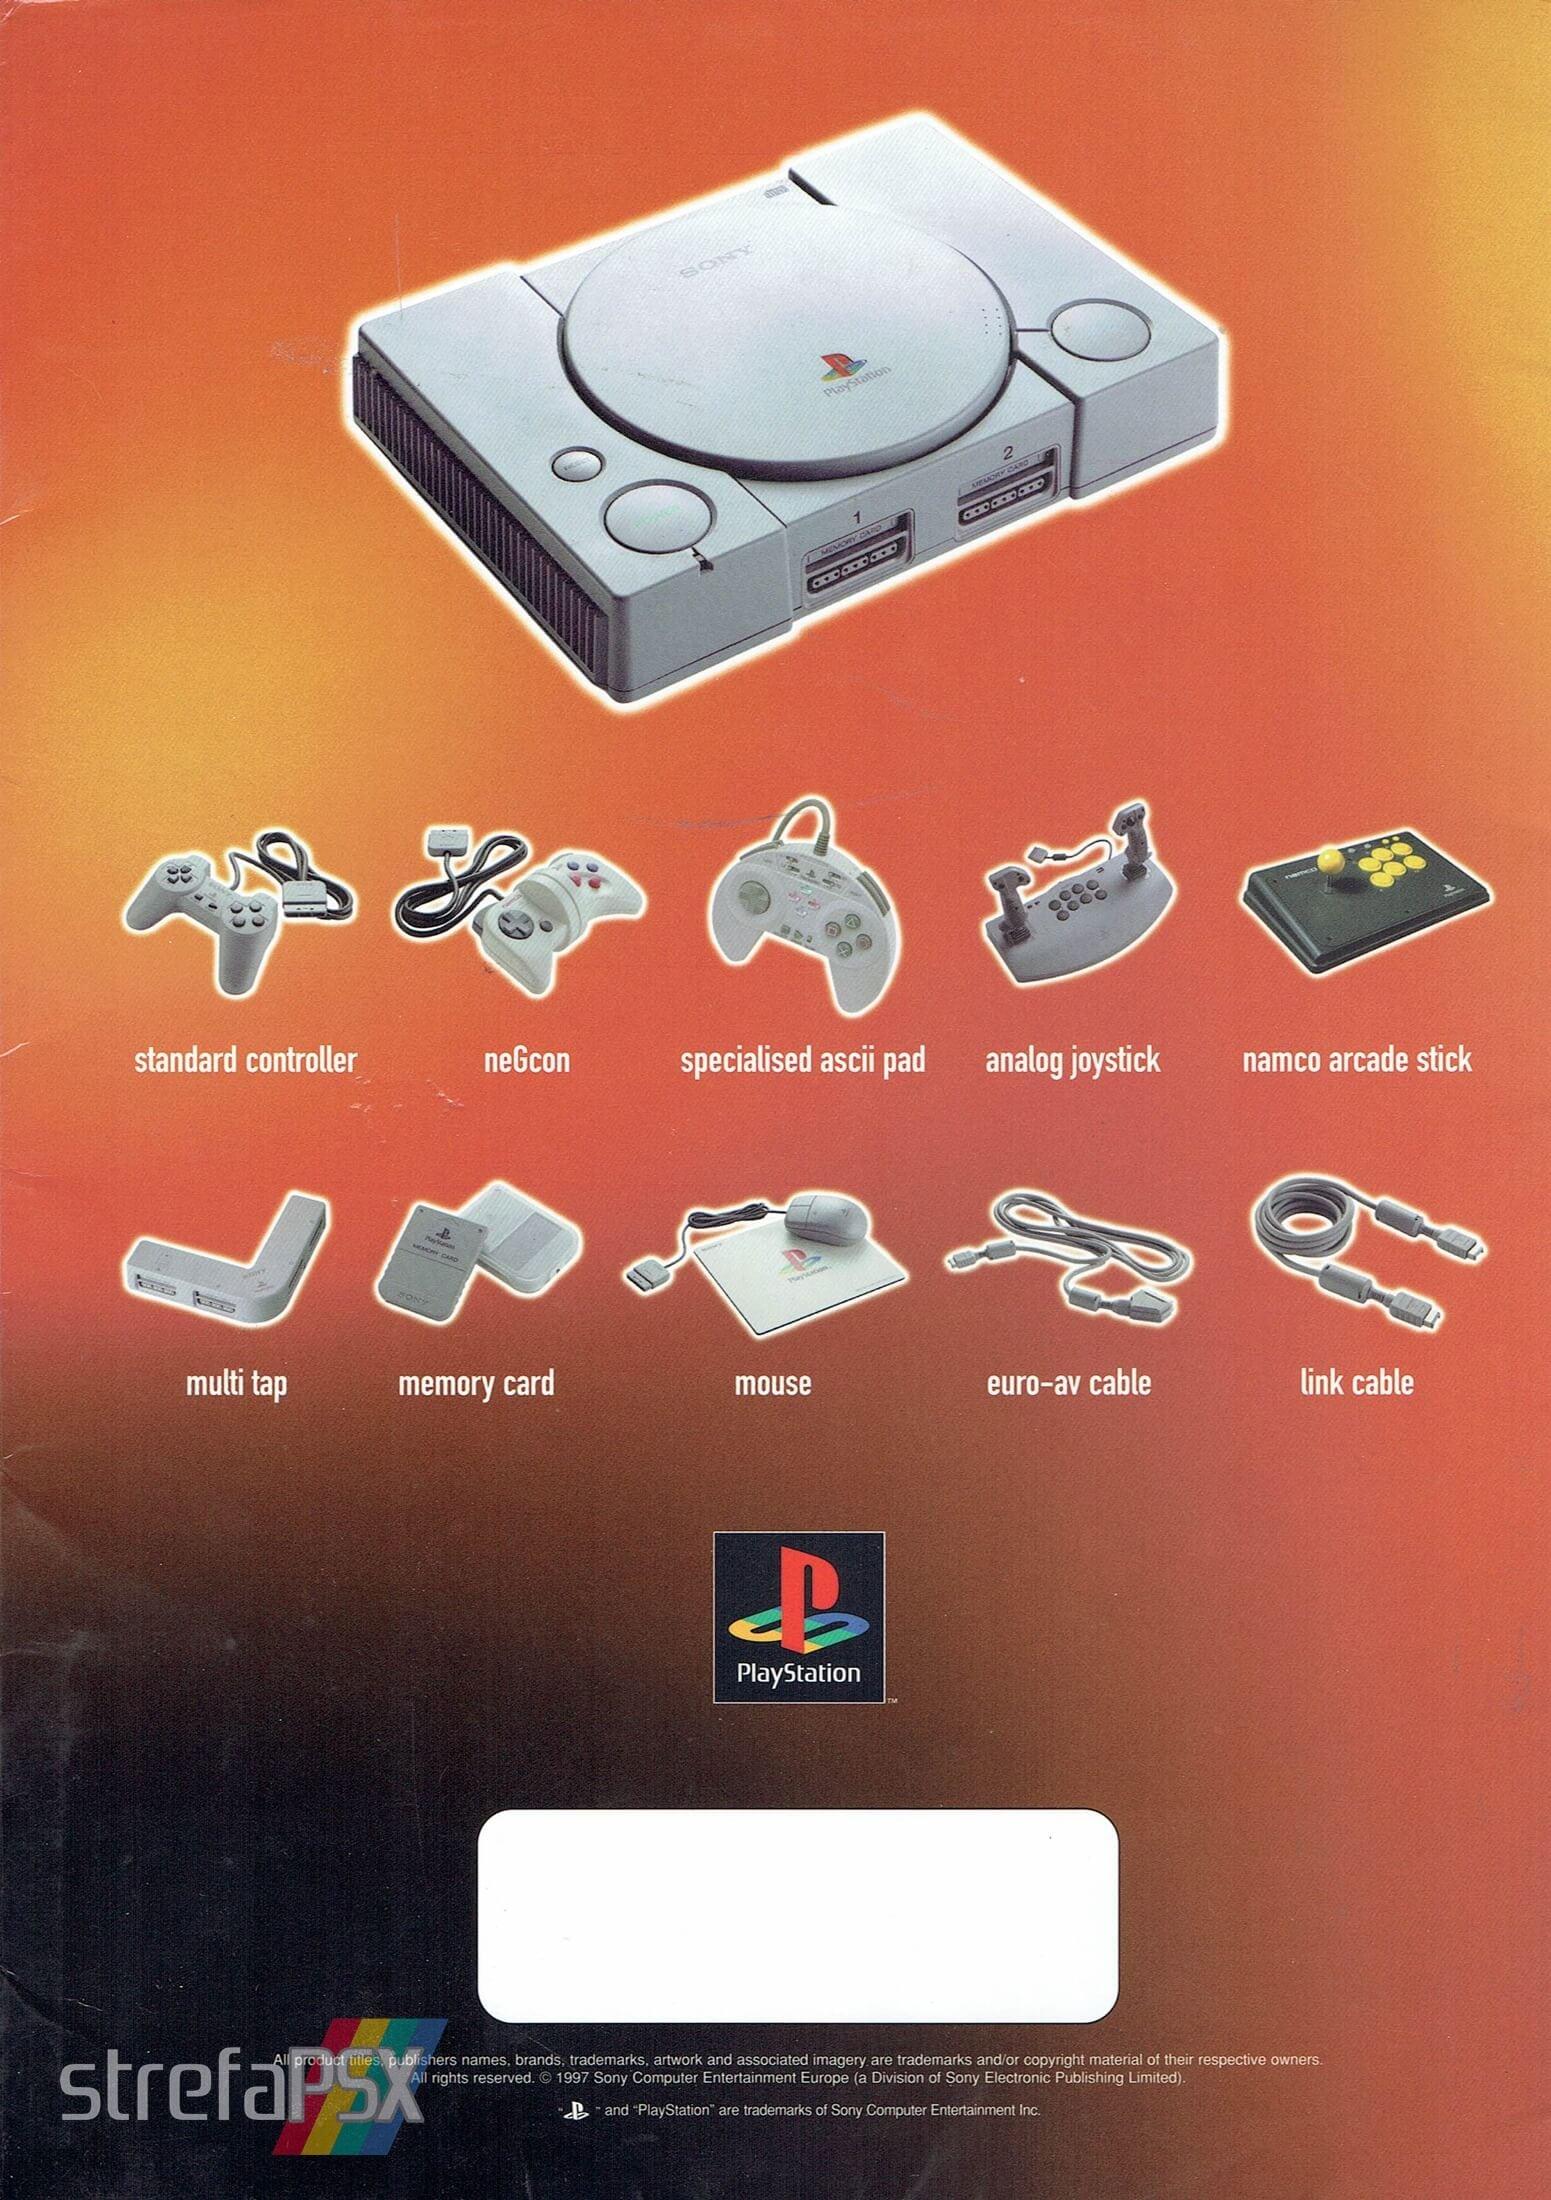 broszura reklamowa psx 06 - Broszury reklamowe PlayStation z dawnych lat